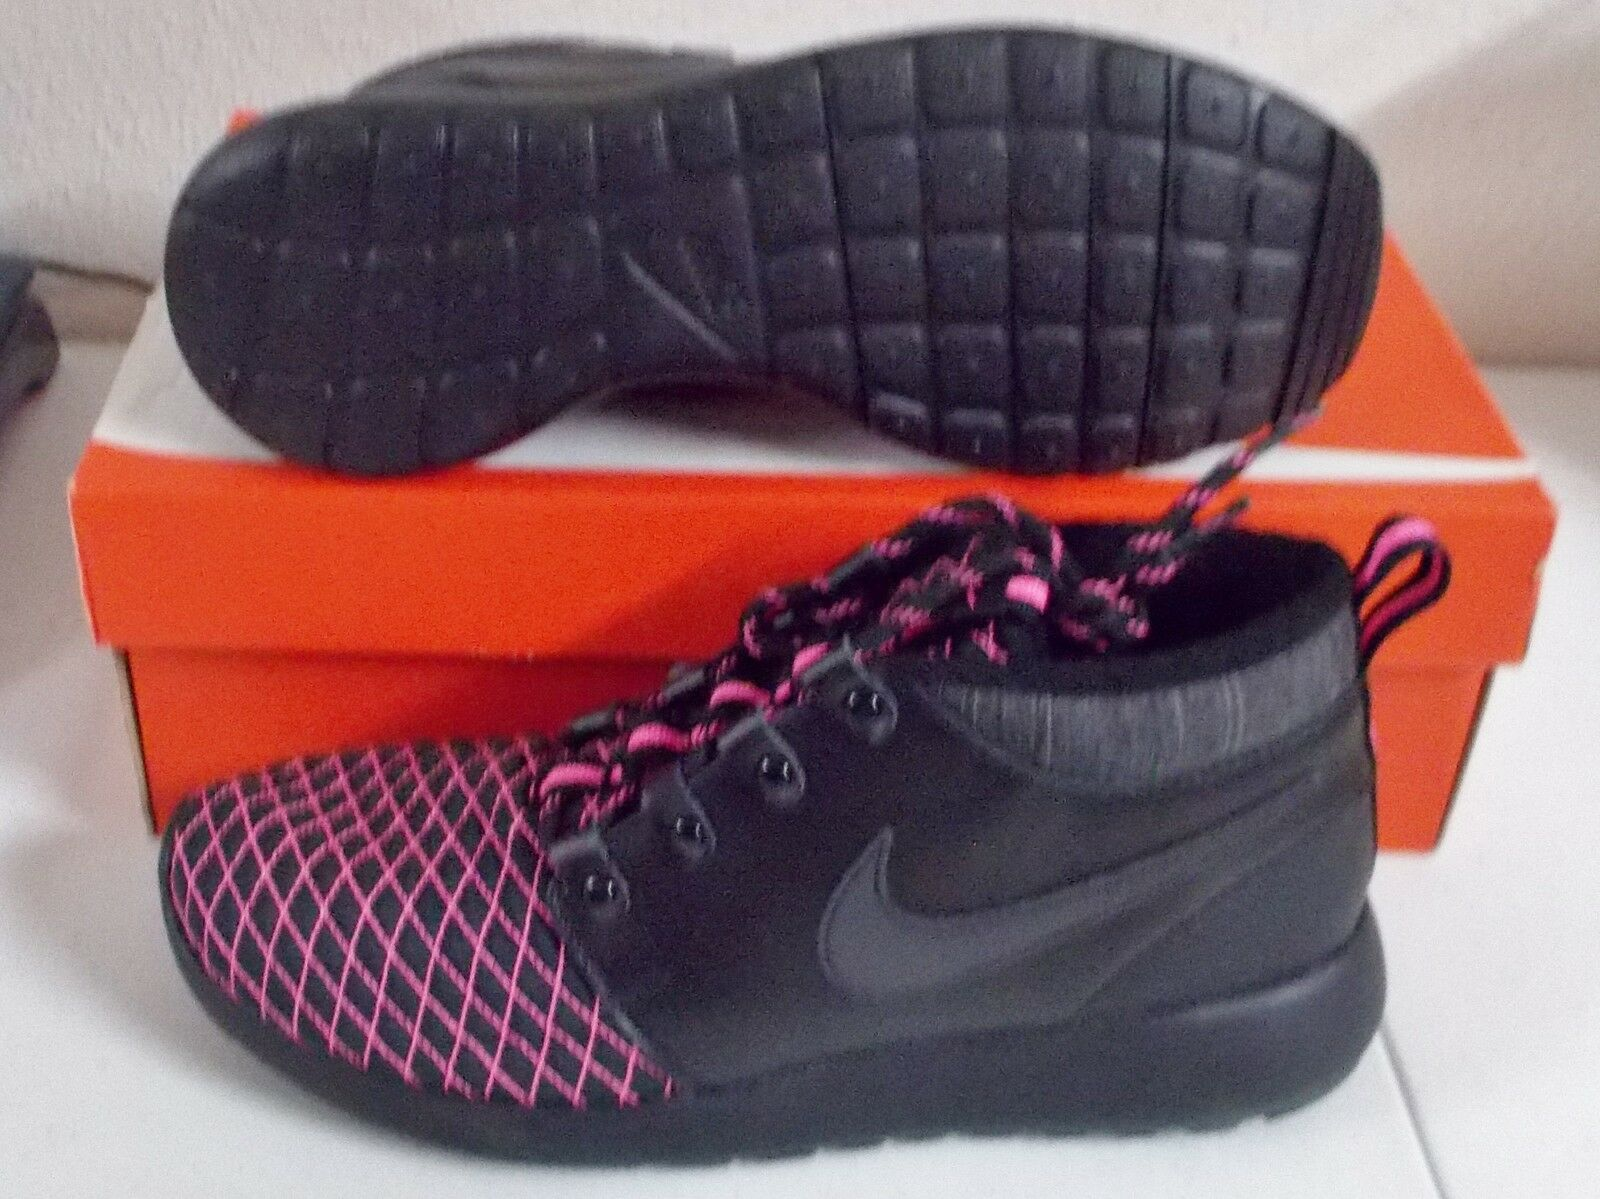 NEW NIKE ROSHE ONE MID WINTER BOOT Womens 8.5 (7Y) Black PINK POW NIB